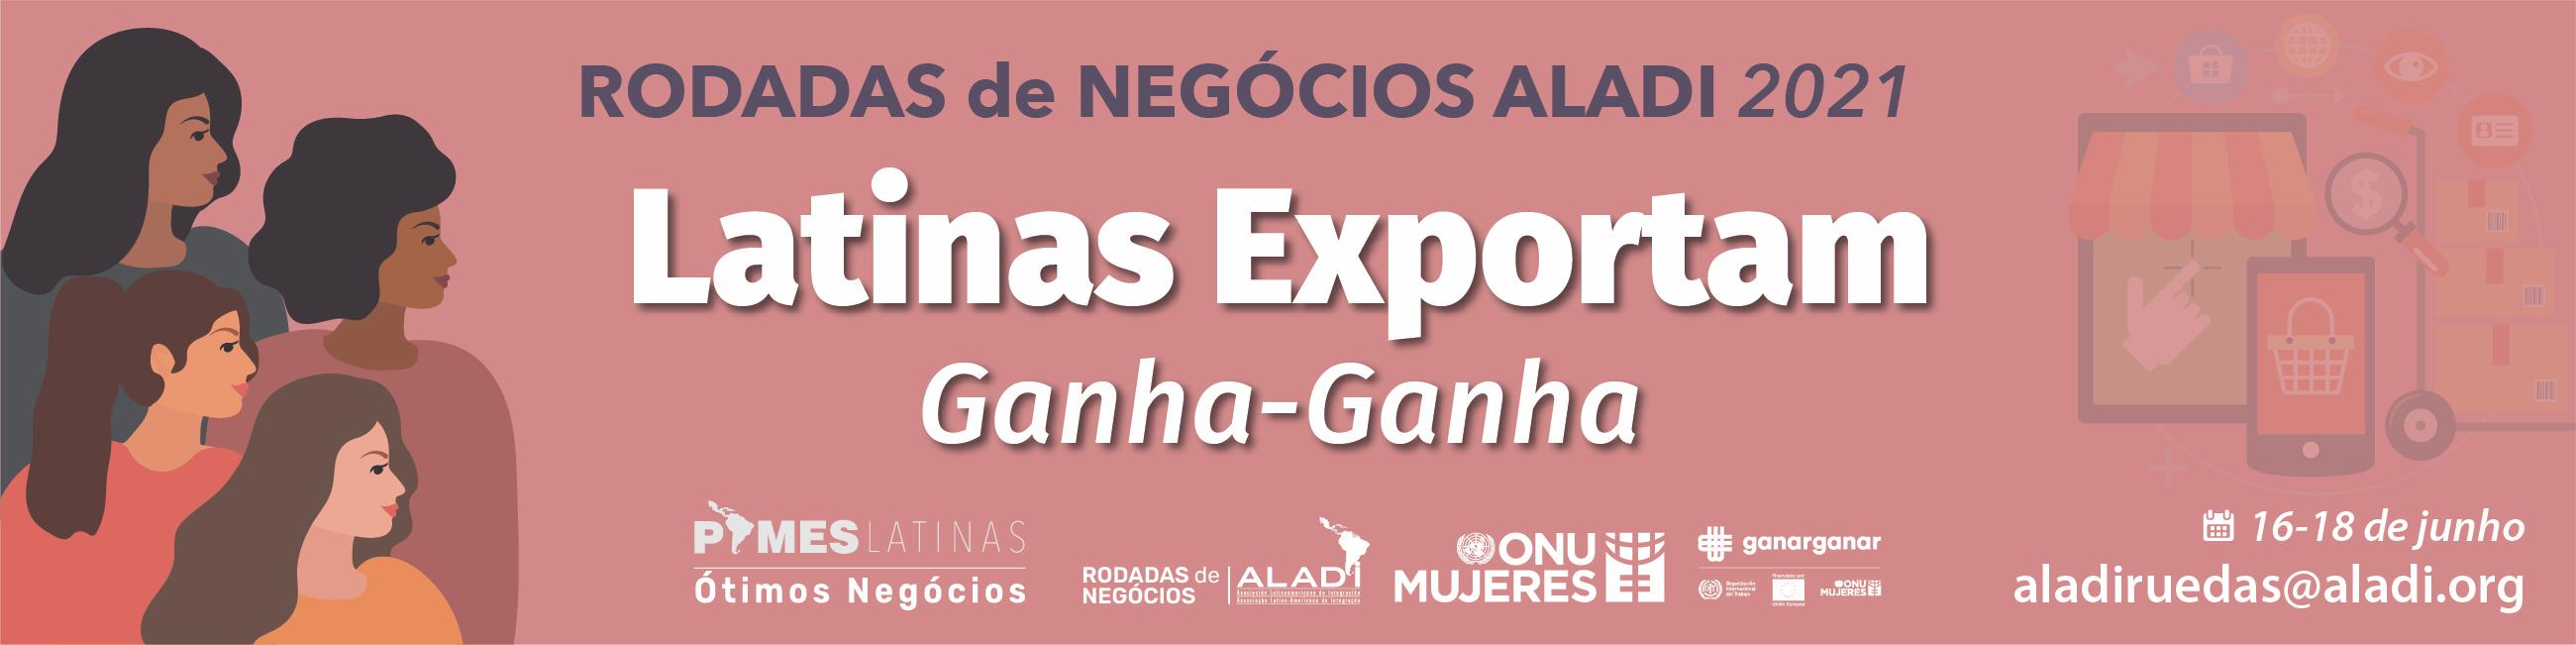 Rodada de Negócios Latinas Exportam: Ganha - Ganha